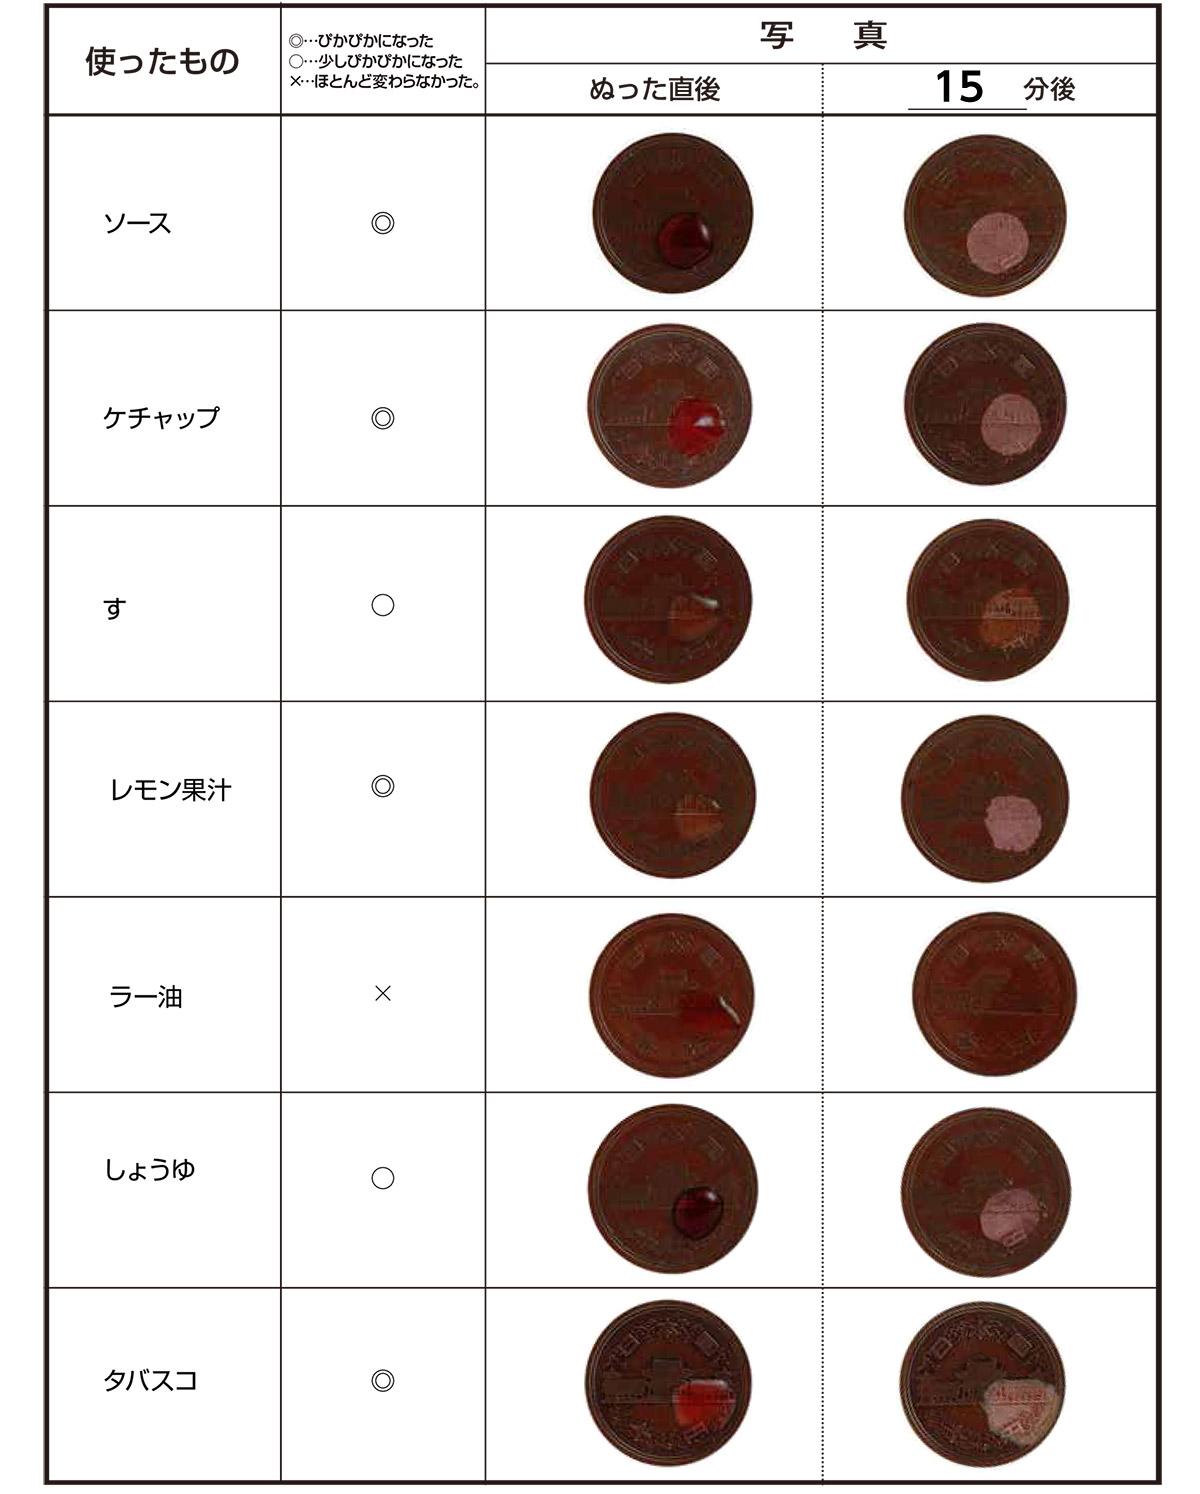 それぞれの調味料などで、茶色くくすんだ10 円玉がどう変わったか表にまとめる